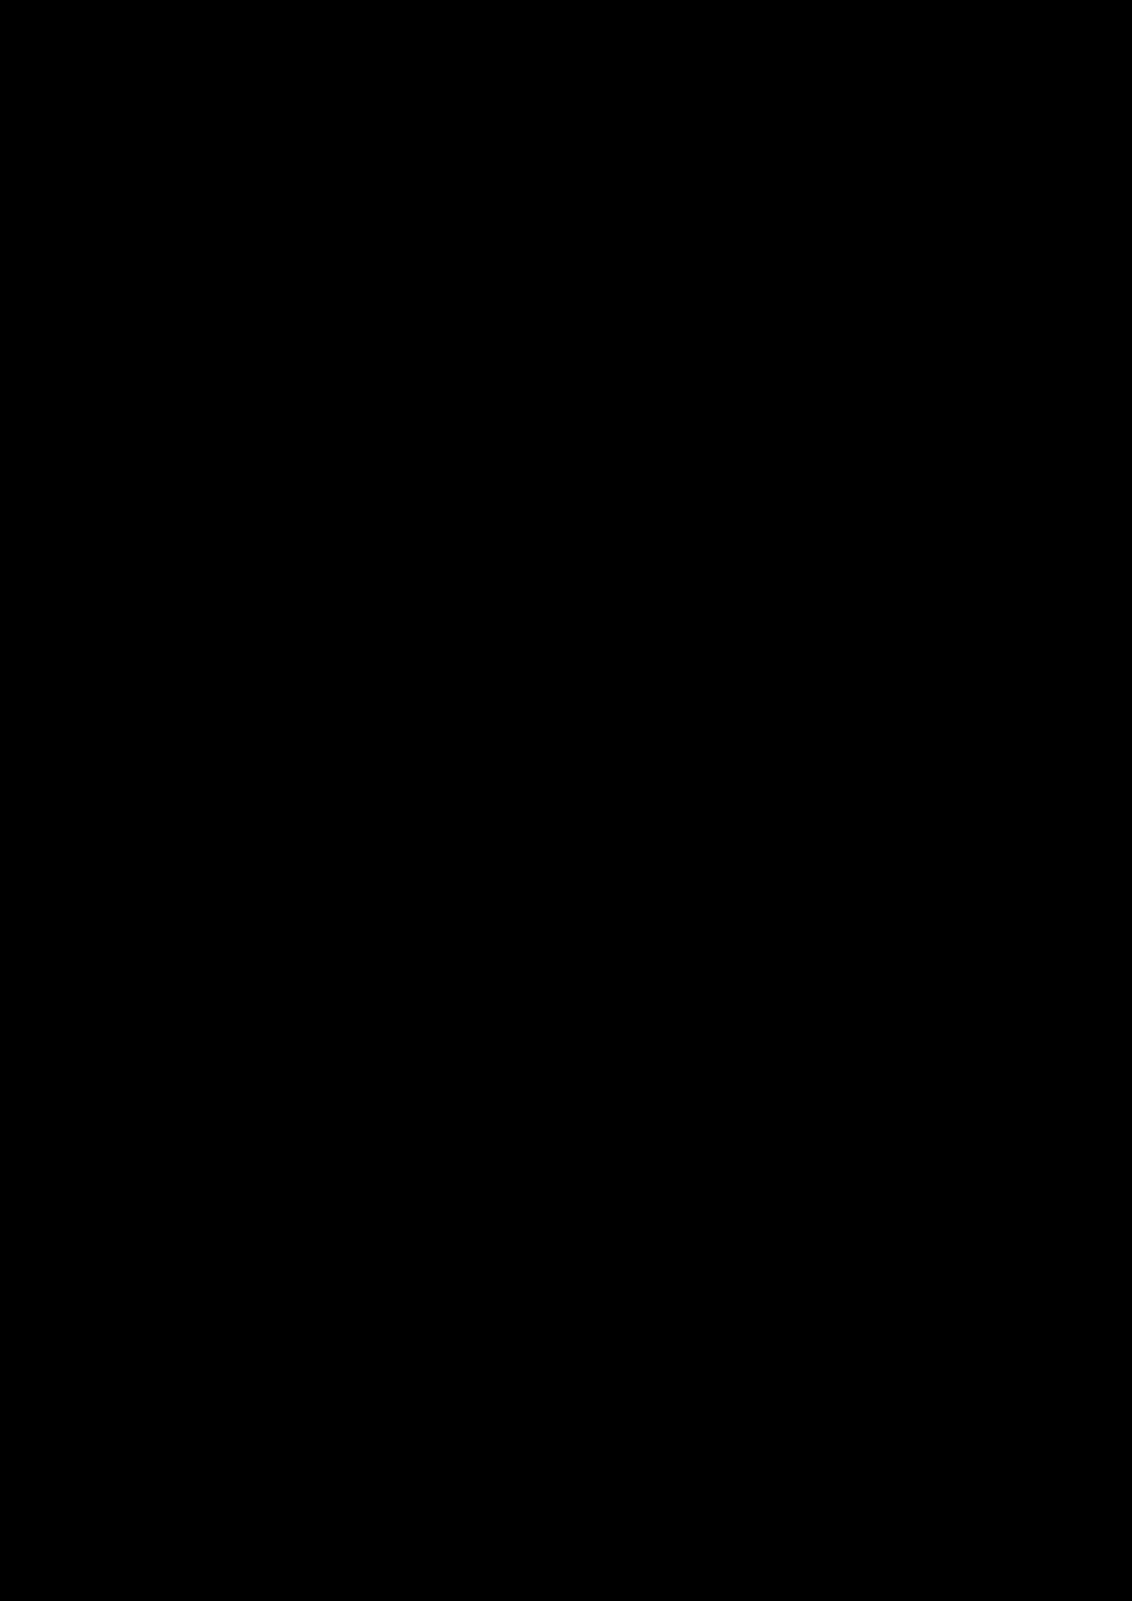 Hools slide, Image 6